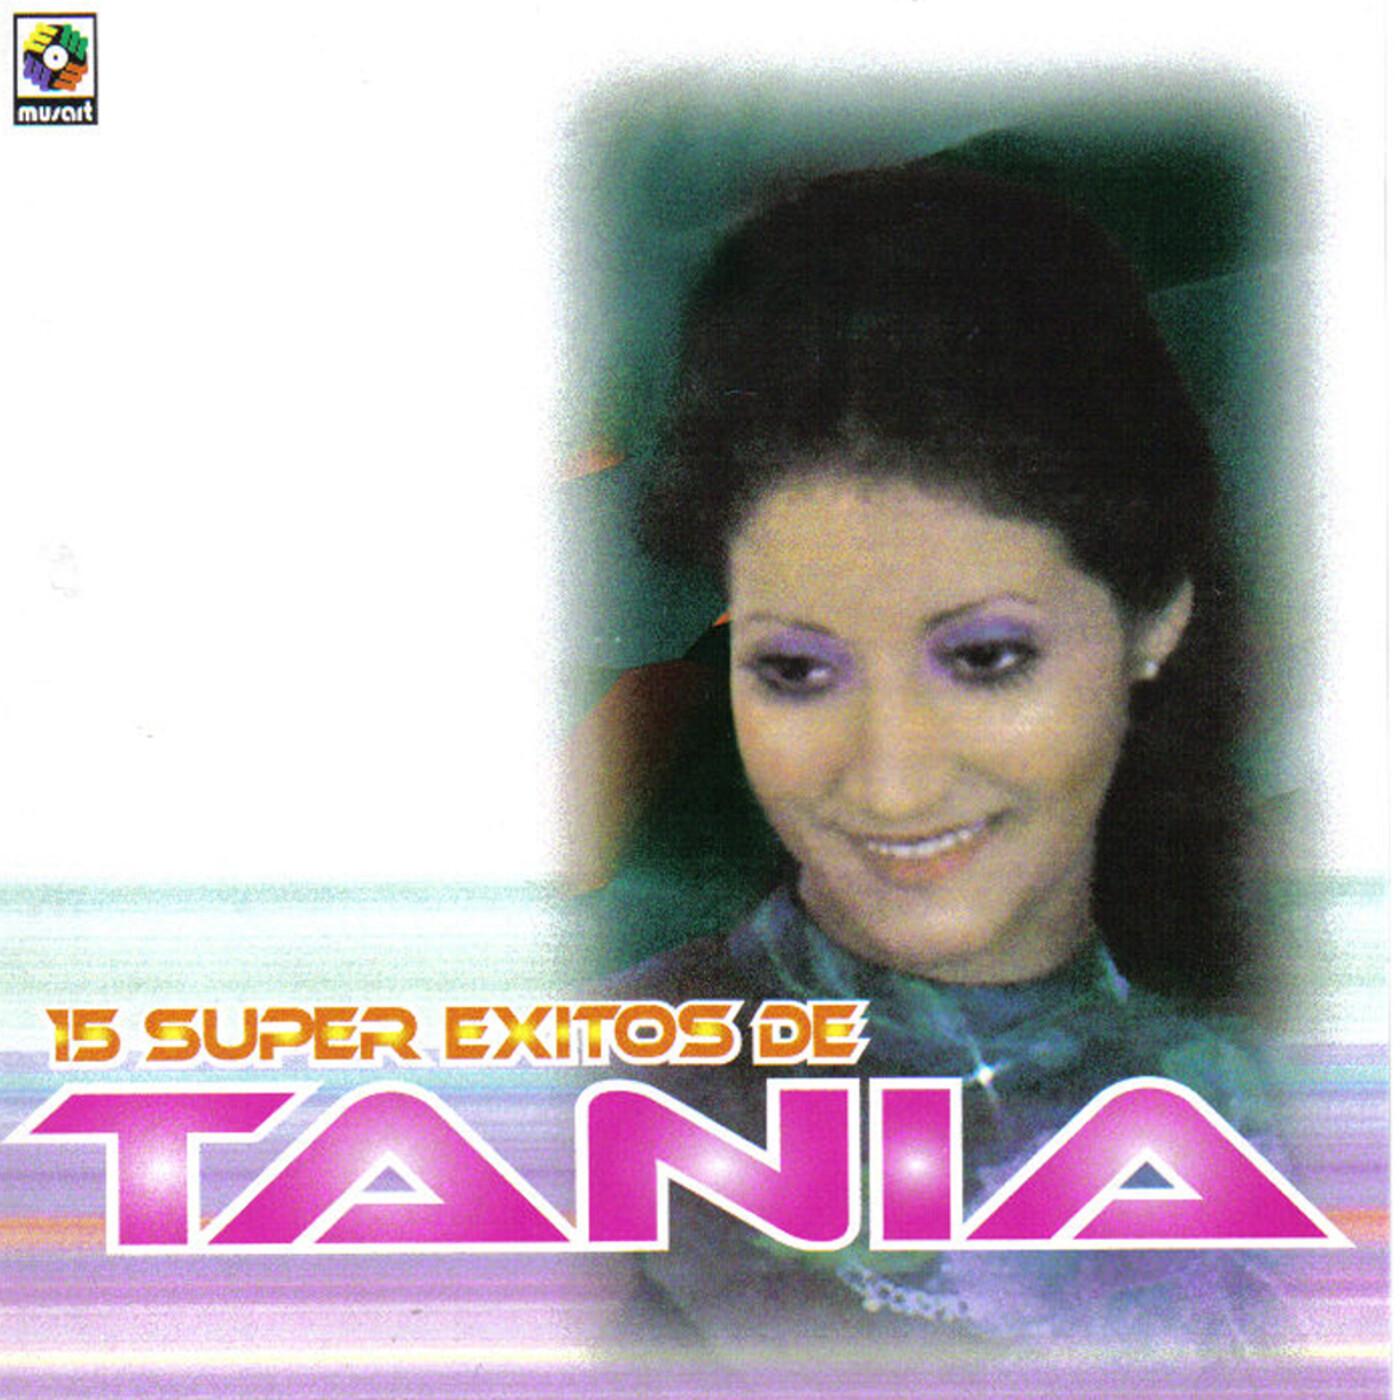 Tania - 15 Exitos - cumbia salsa